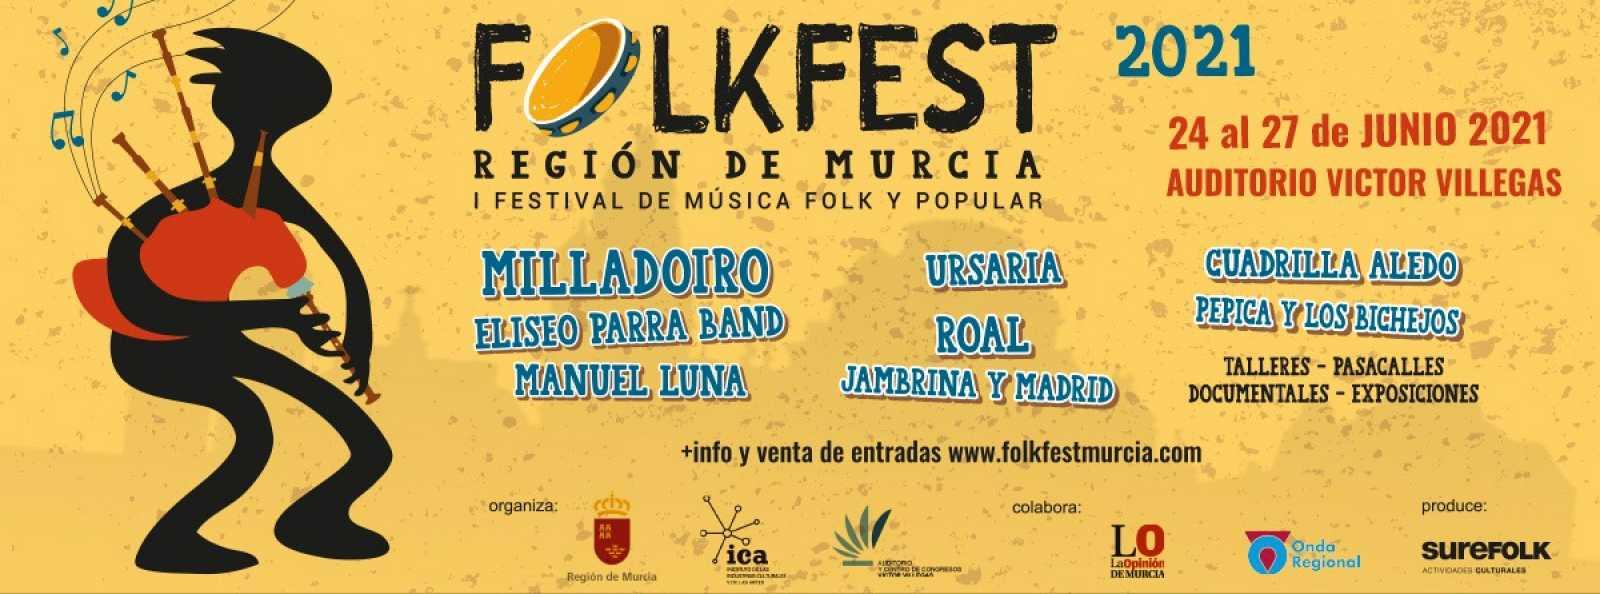 Tarataña - De San Juan y el Folk Fest de Murcia - 20/06/21 - escuchar ahora